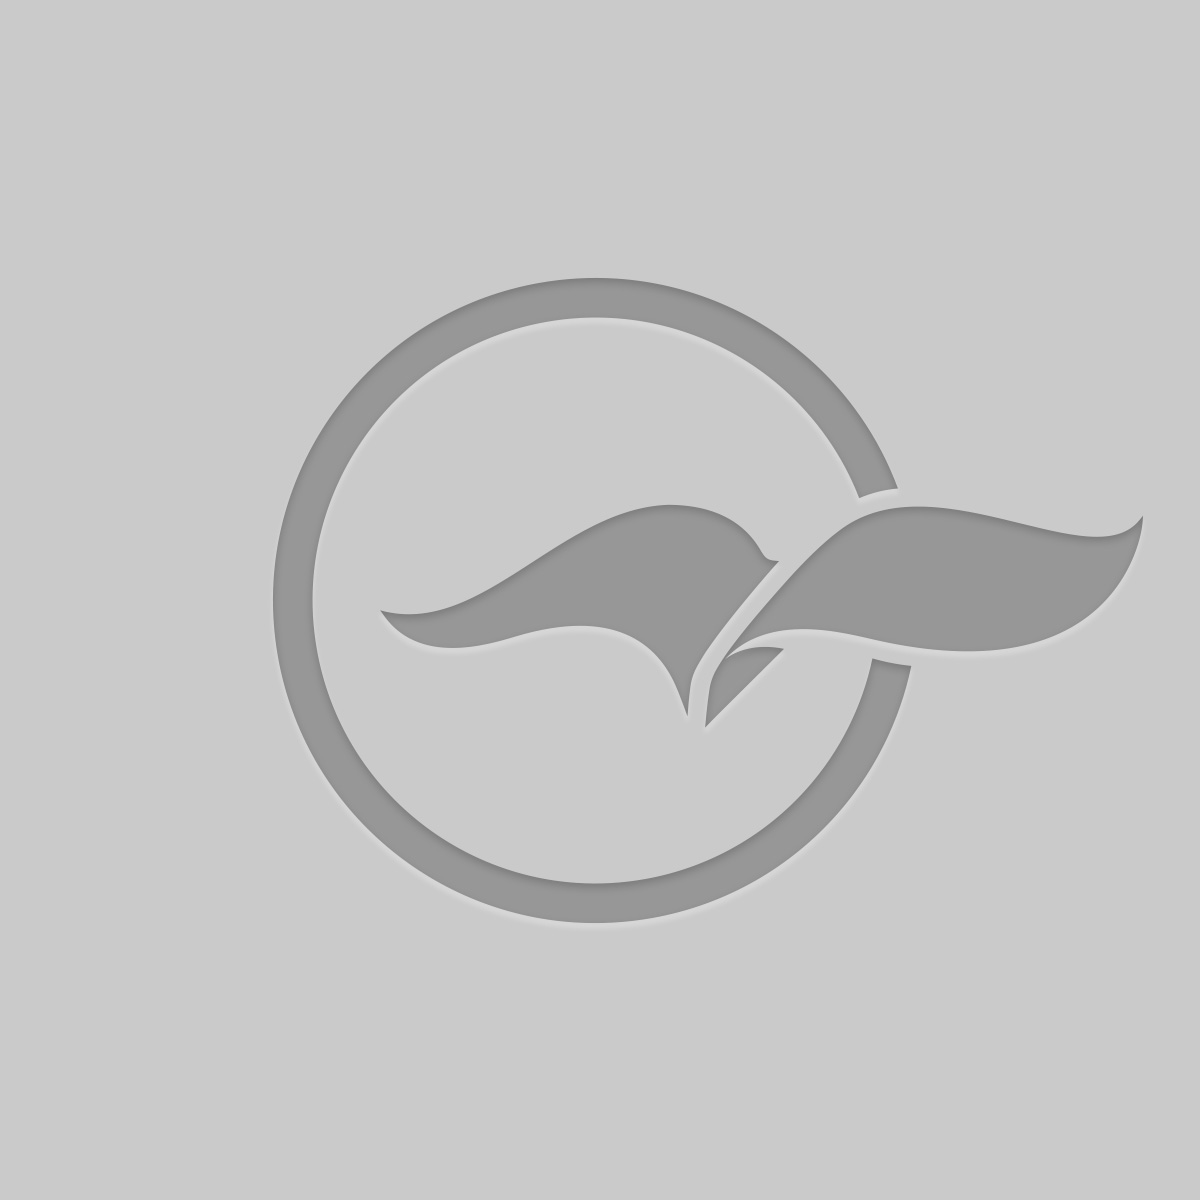 2017െല നിയമസഭ തെരെഞ്ഞടുപ്പുകളിലൂടെ ബി.ജെ.പി സമാഹരിച്ചത് 1214 കോടി